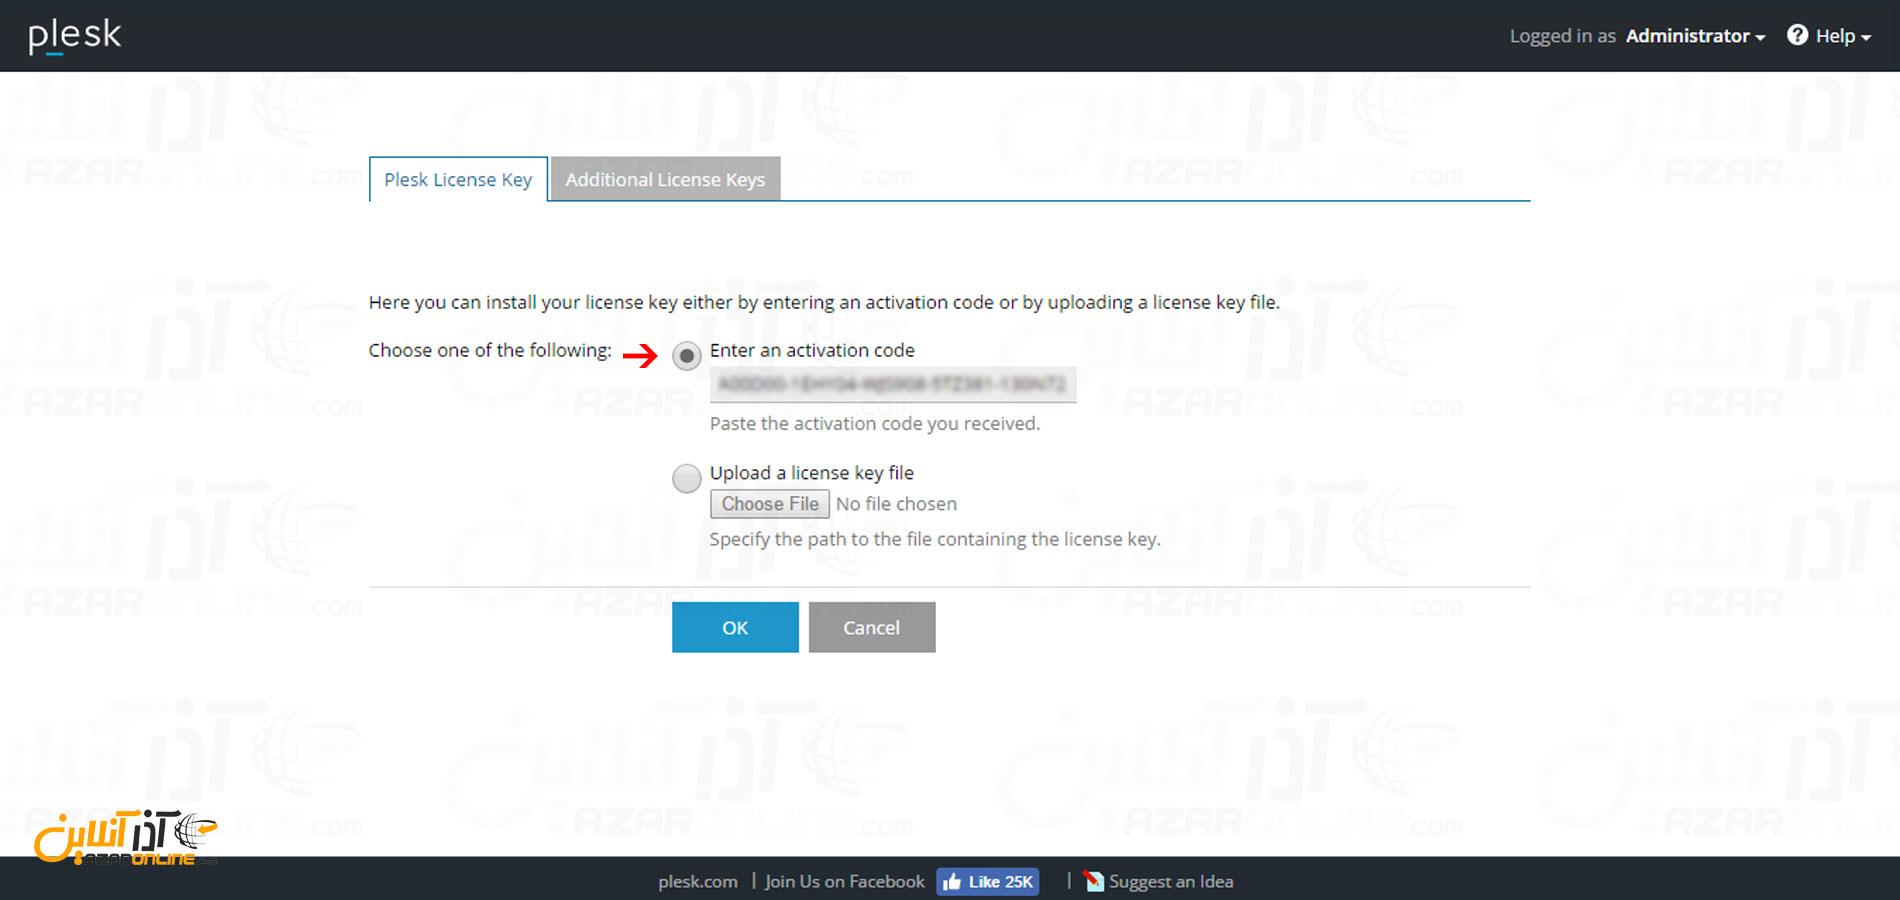 آموزش نصب کنترل پنل پلسک در ویندوز - وارد کردن لایسنس